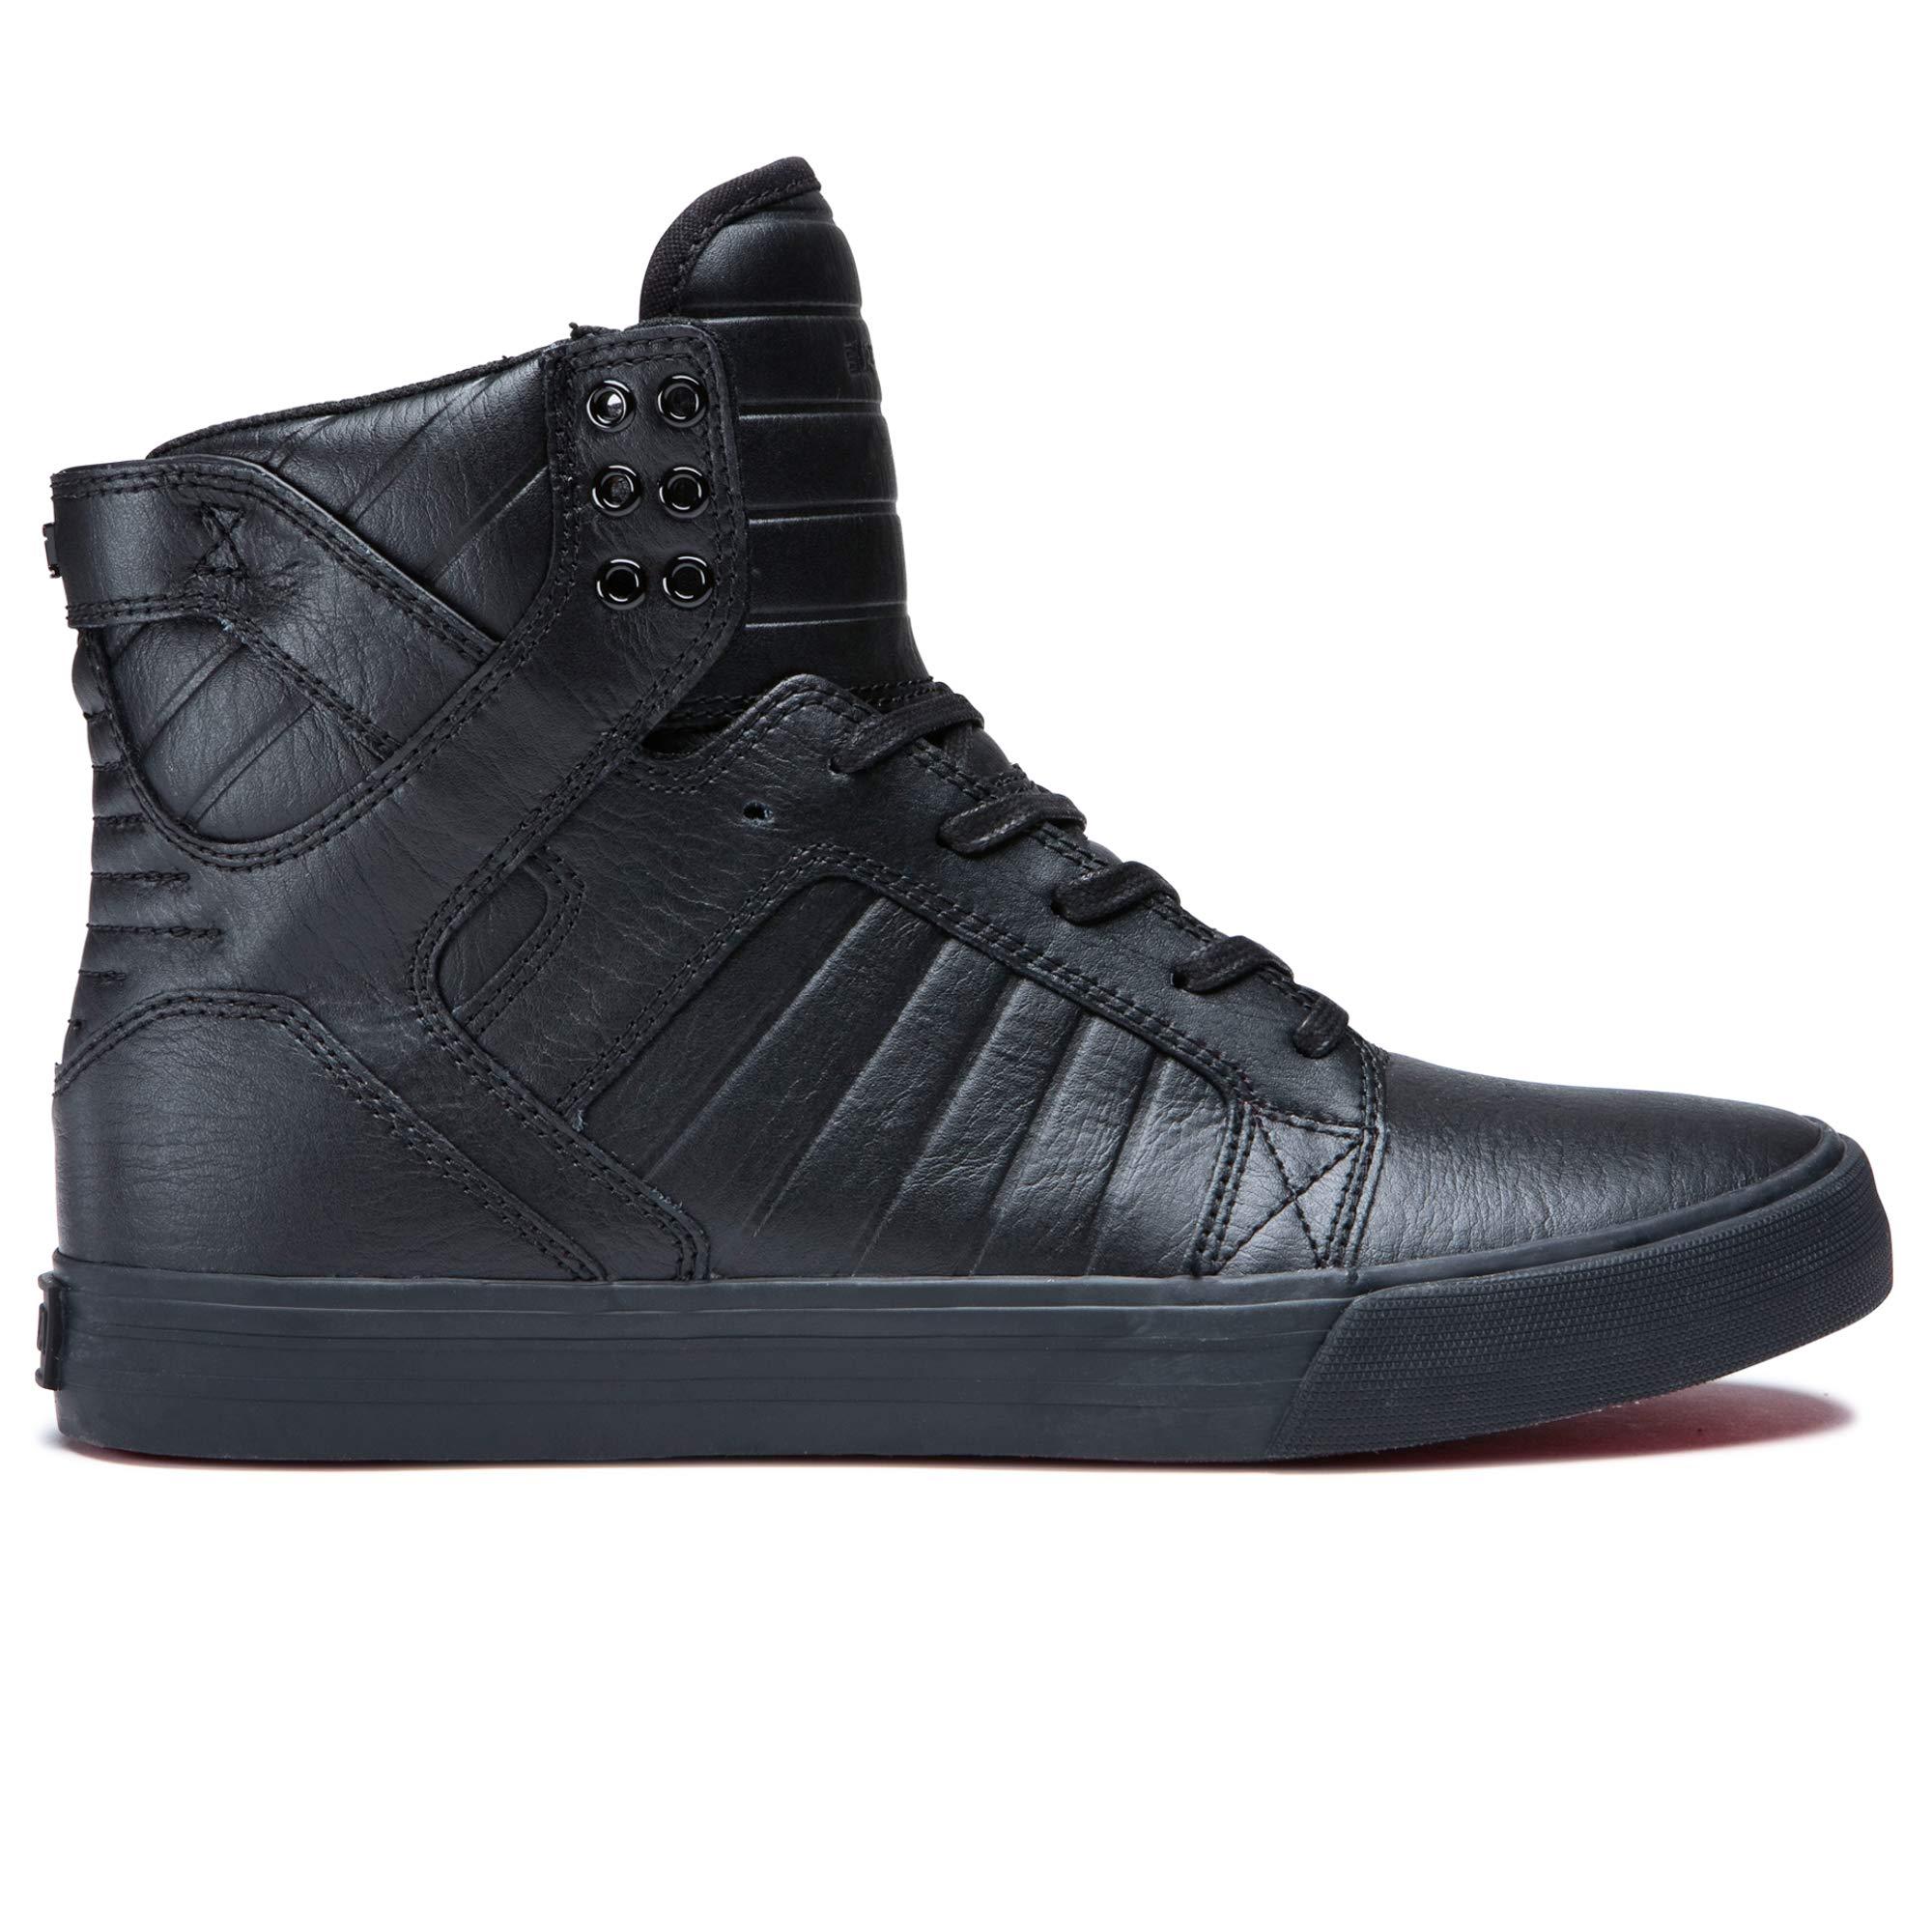 Supra Footwear Skytop High Top Skate Shoes, BlackBlack Red, 14.5 M US Women13 M US Men